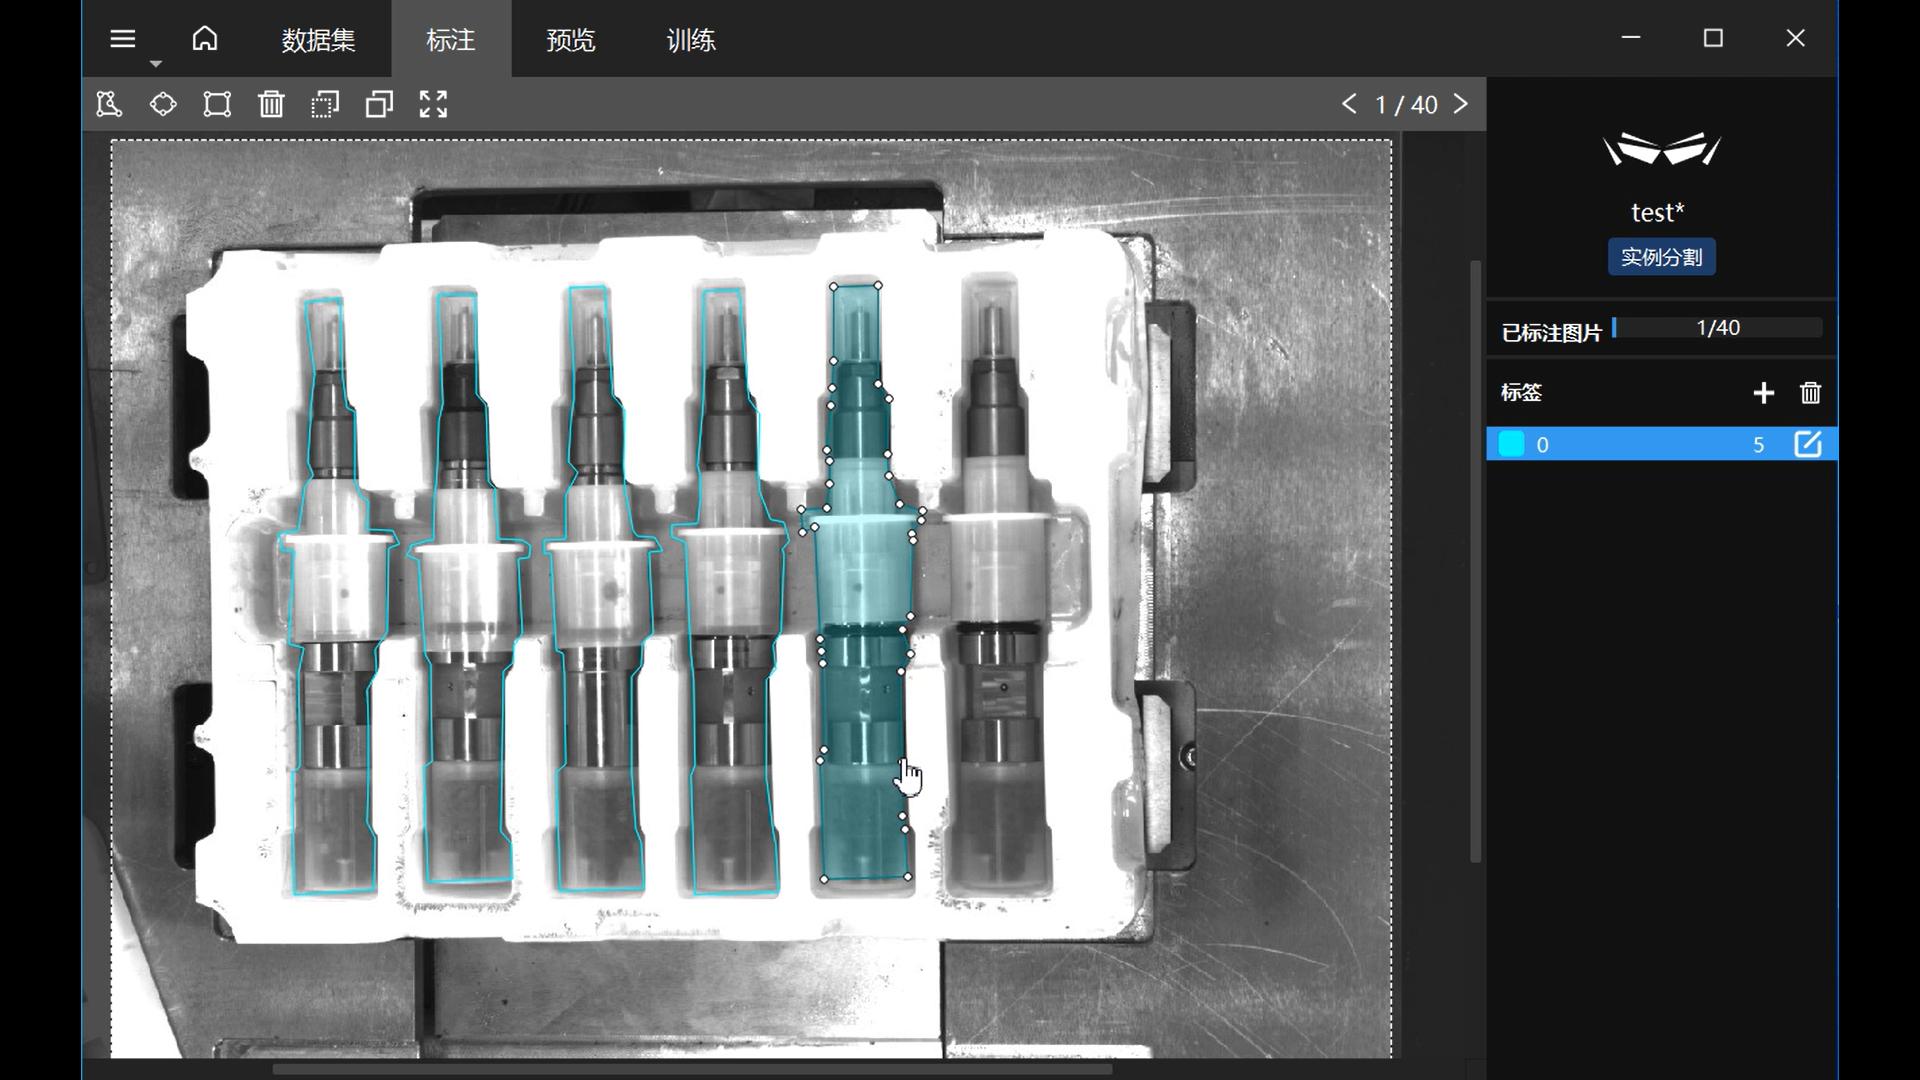 新品发布   Mech-DL Kit深度学习本地训练工具,更高效、易用、安全